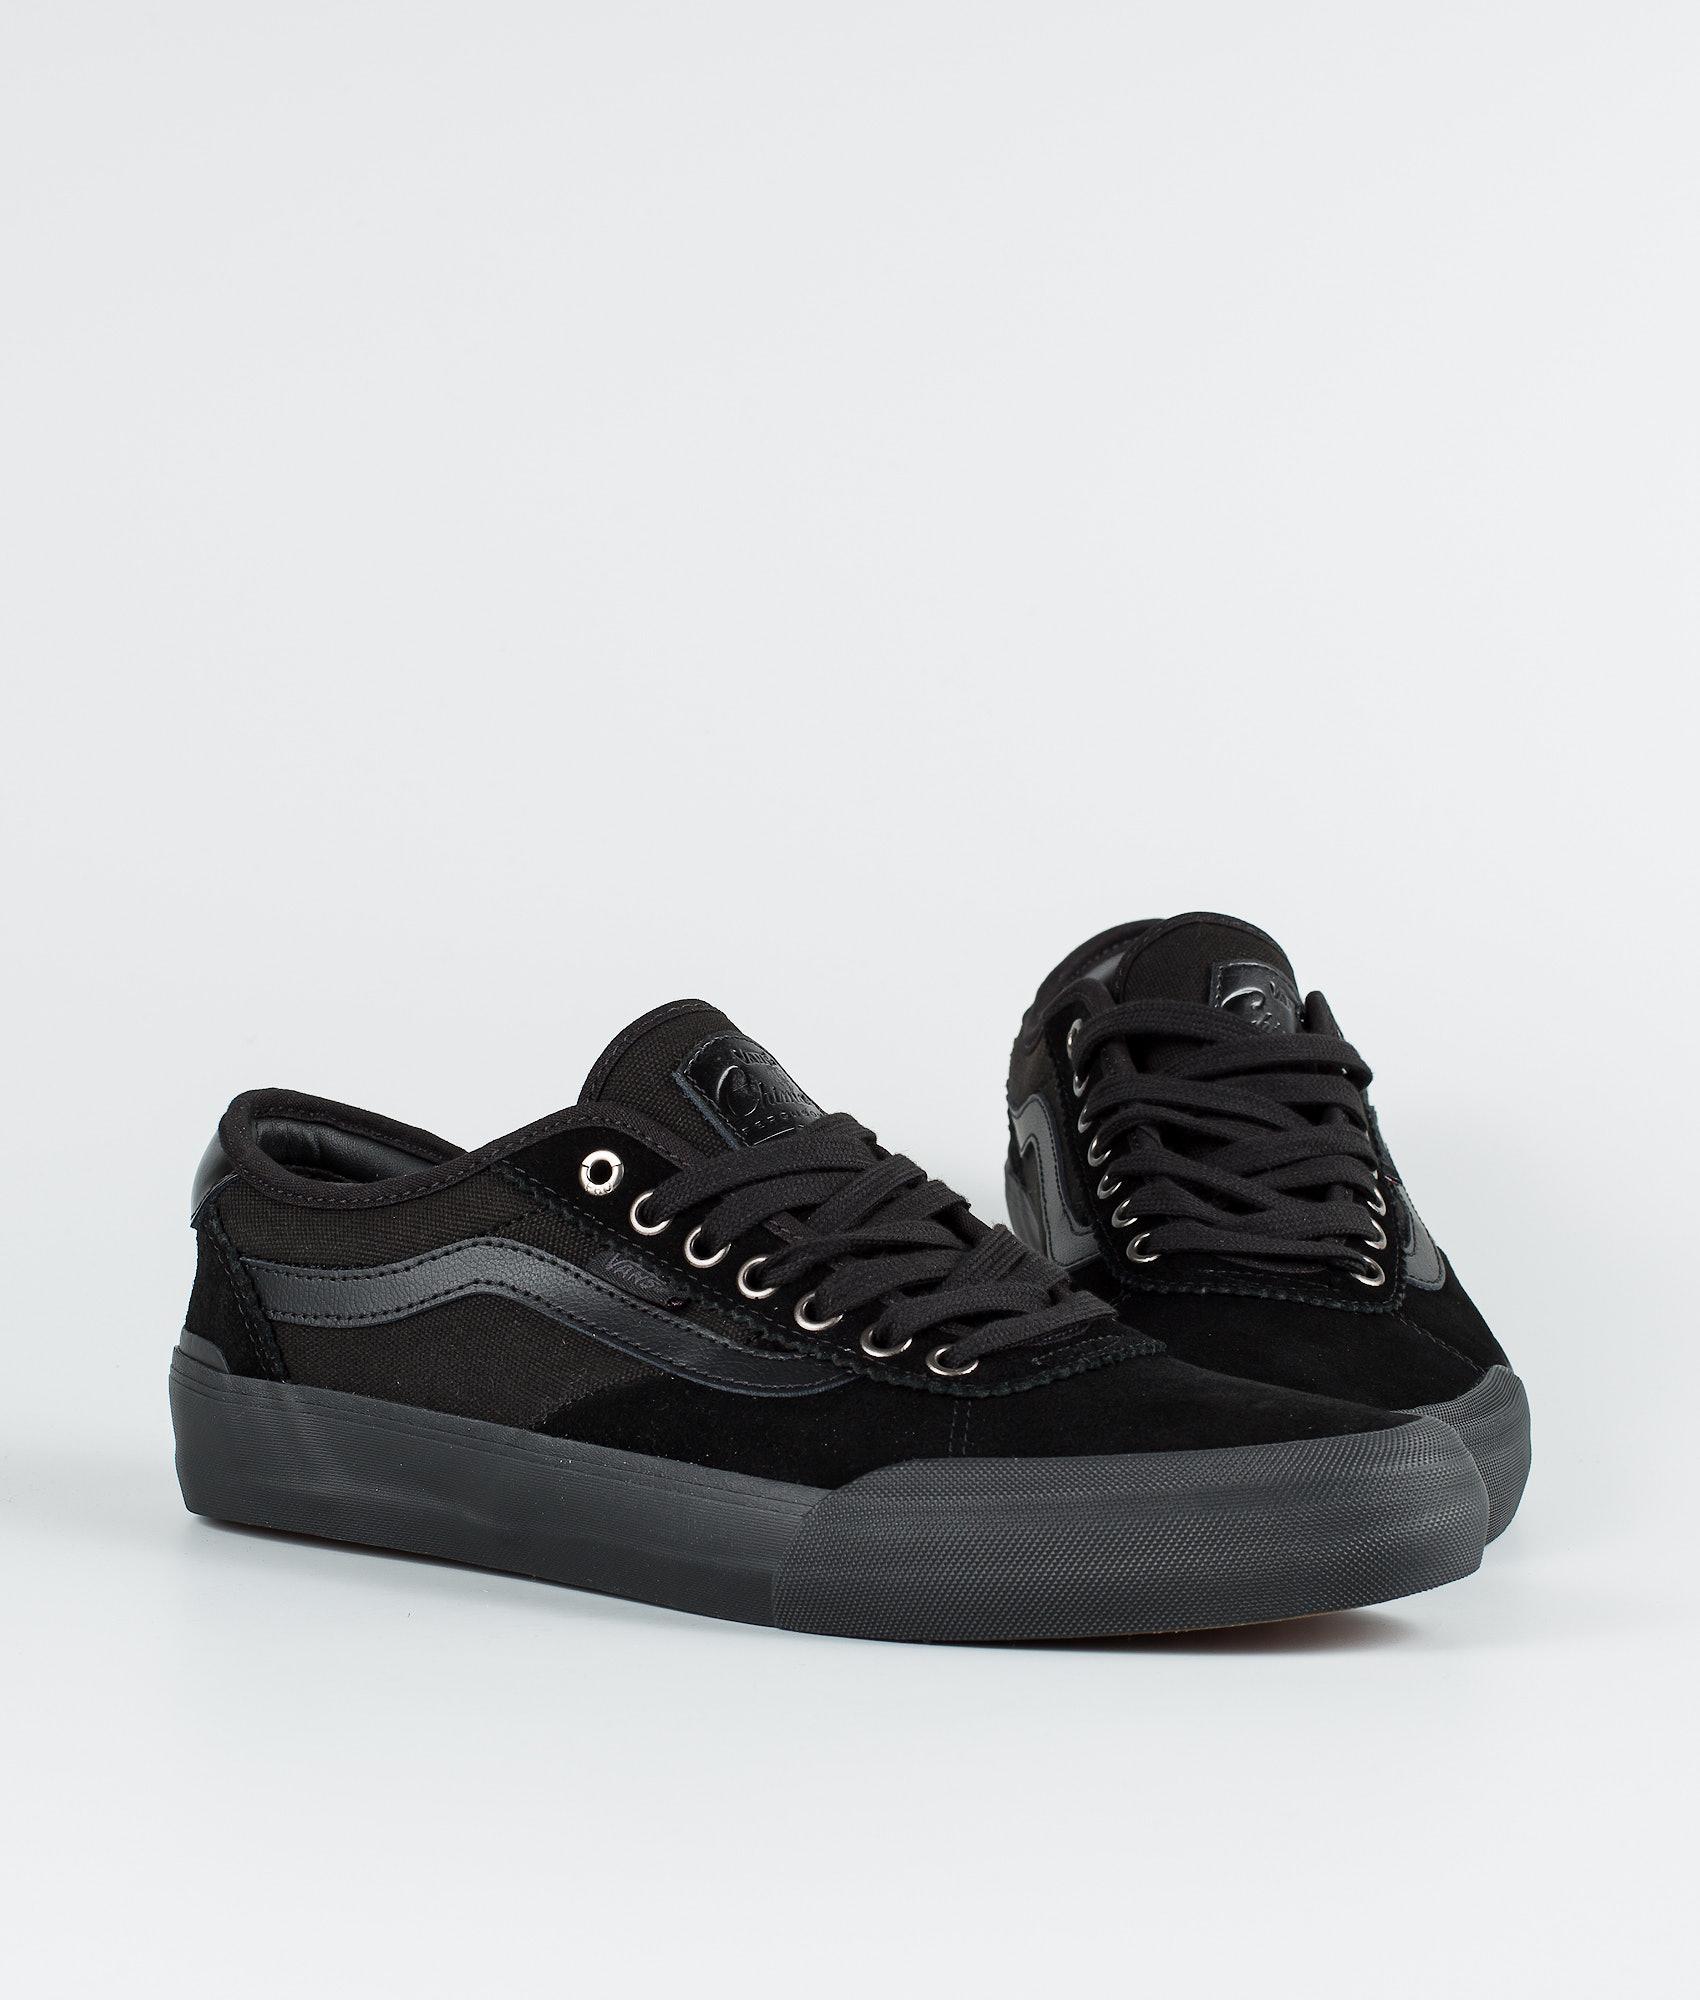 e6a2779d44 Vans Chima Pro 2 Shoes (Suede) Blackout - Ridestore.com